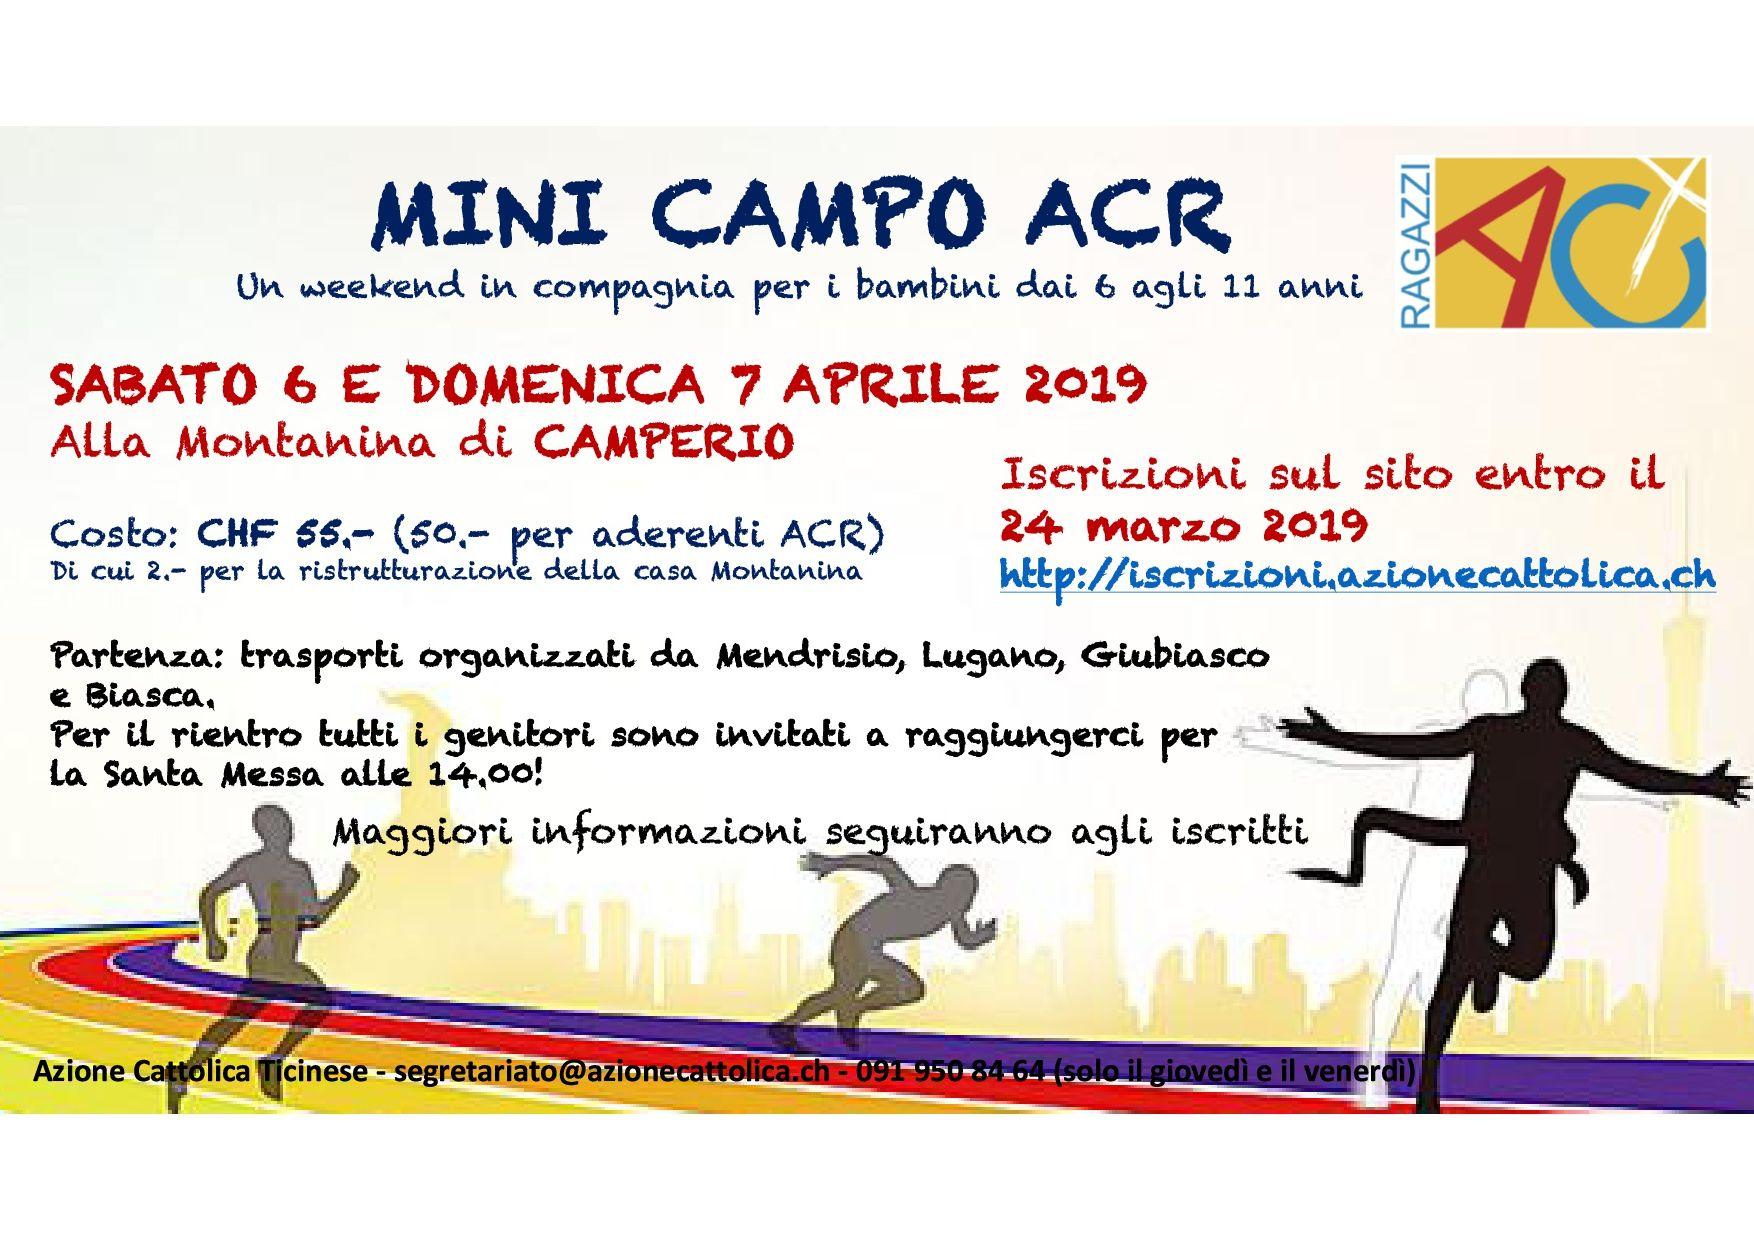 Volantino Minicampo ACR